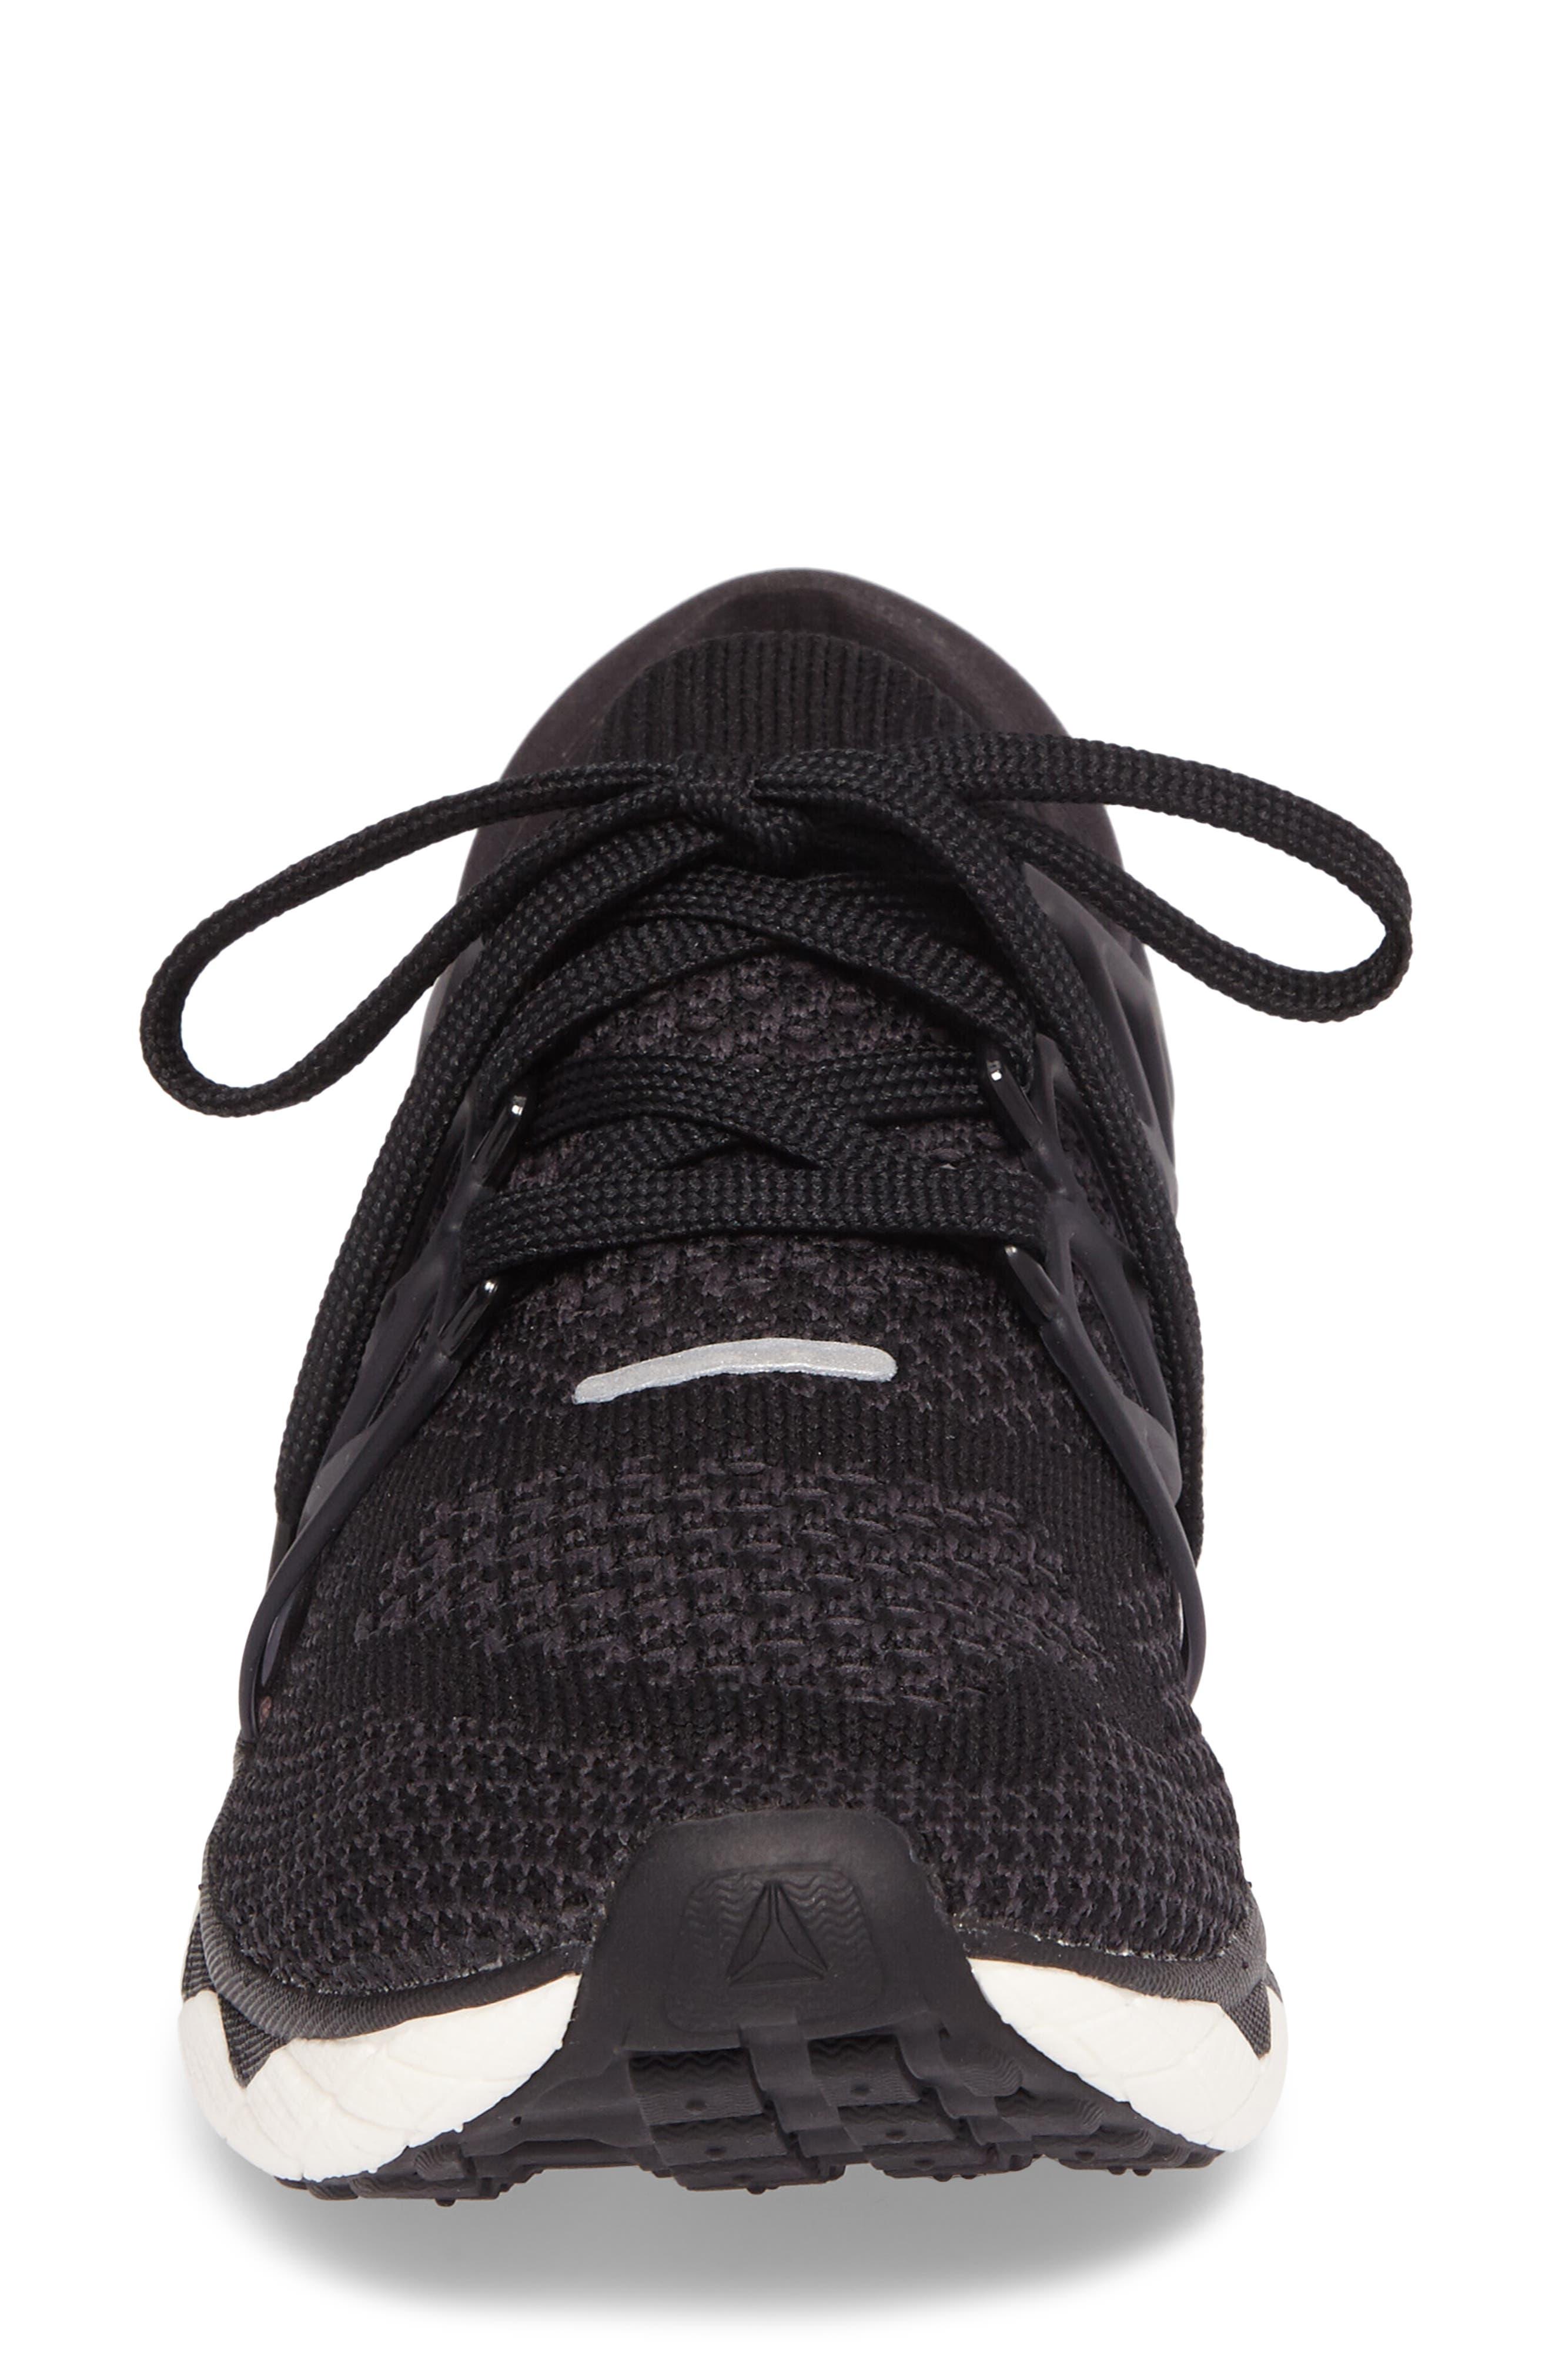 Floatride Run Running Shoe,                             Alternate thumbnail 4, color,                             Black/ Gravel/ White